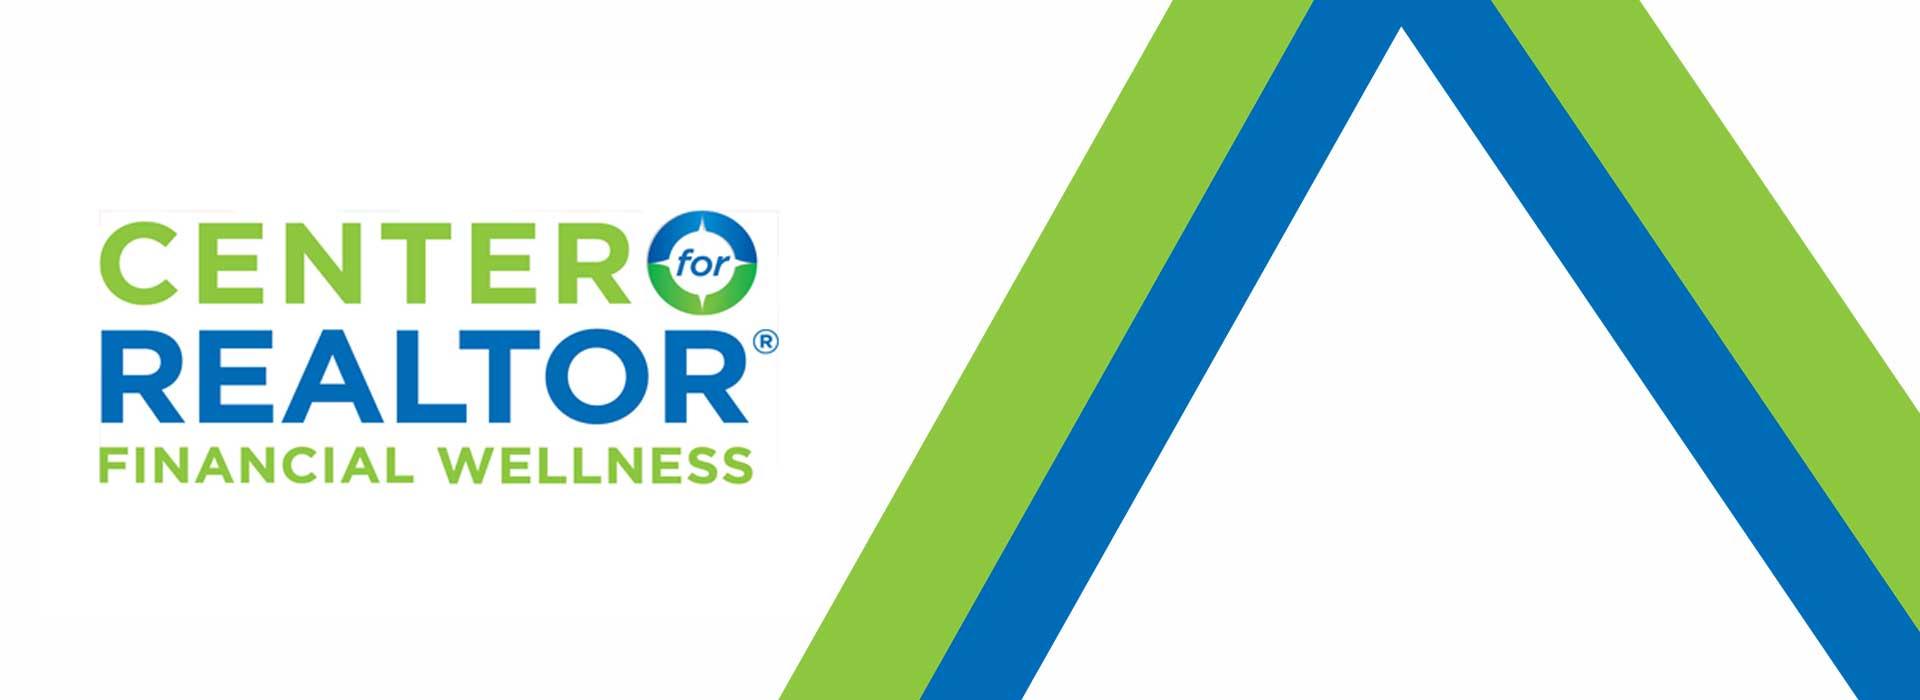 Center For REALTOR® Financial Wellness